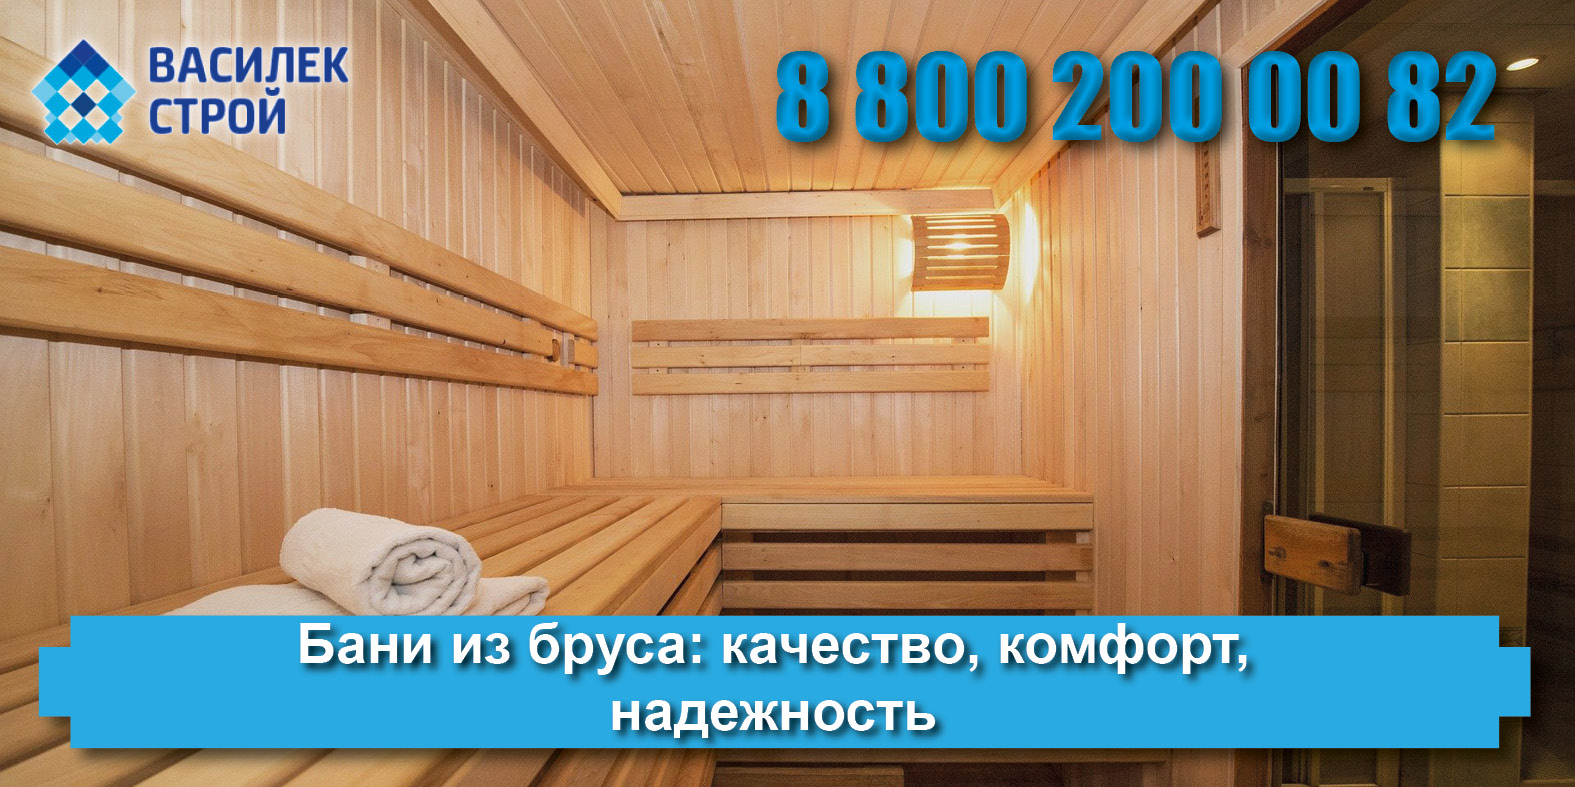 Строительство бани из профилированного и клееного бруса: недорогие бани брус строительство под ключ